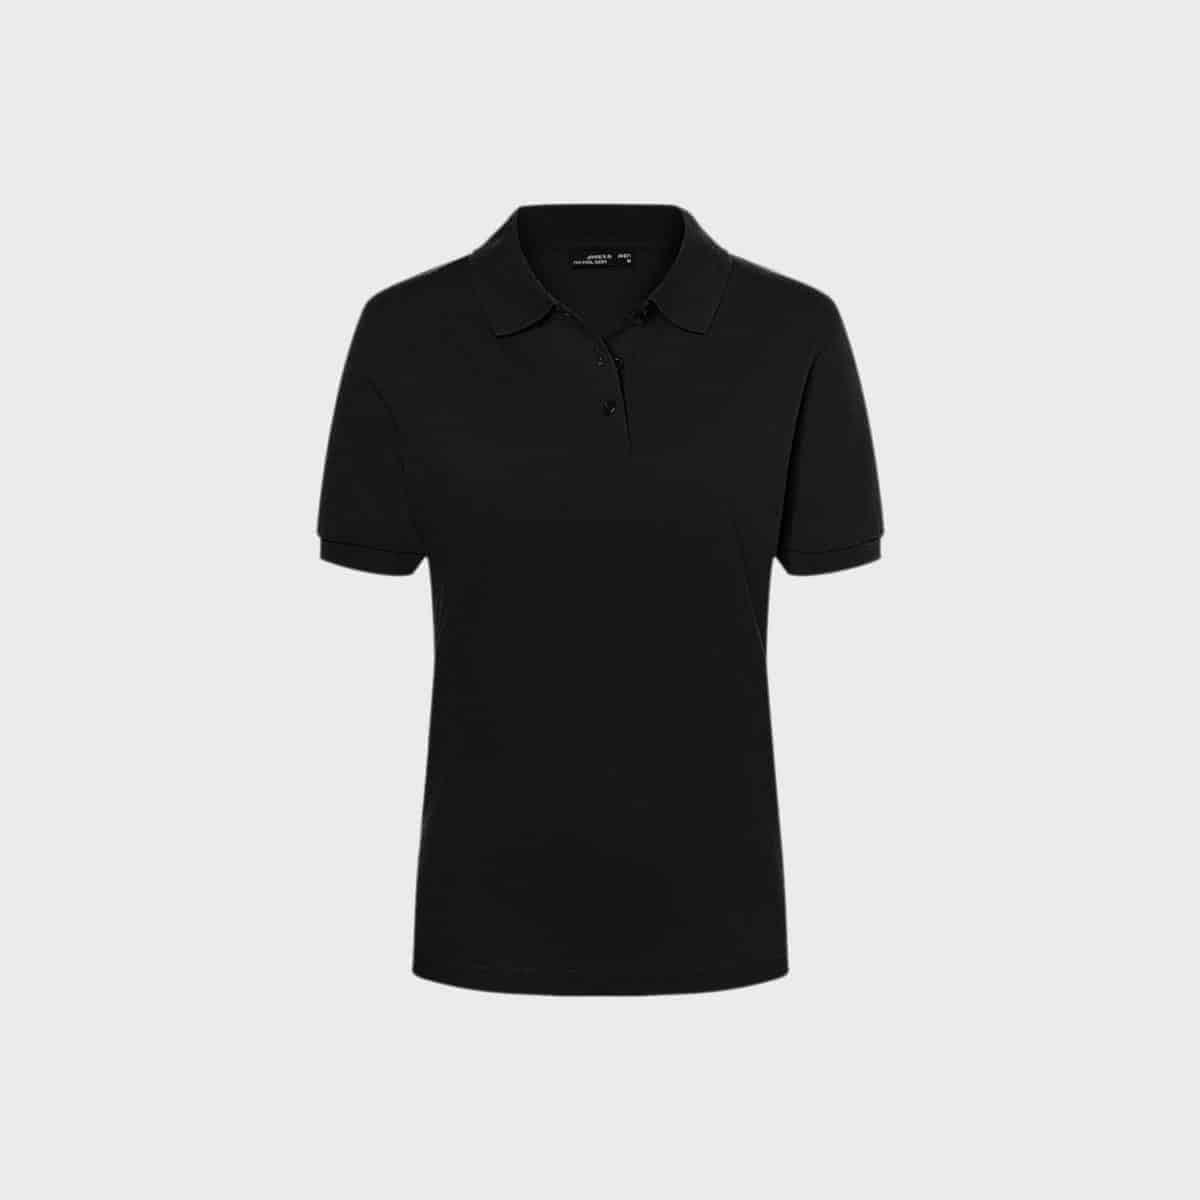 polo-shirt-damen-clasic-kaufen-besticken_stickmanufaktur